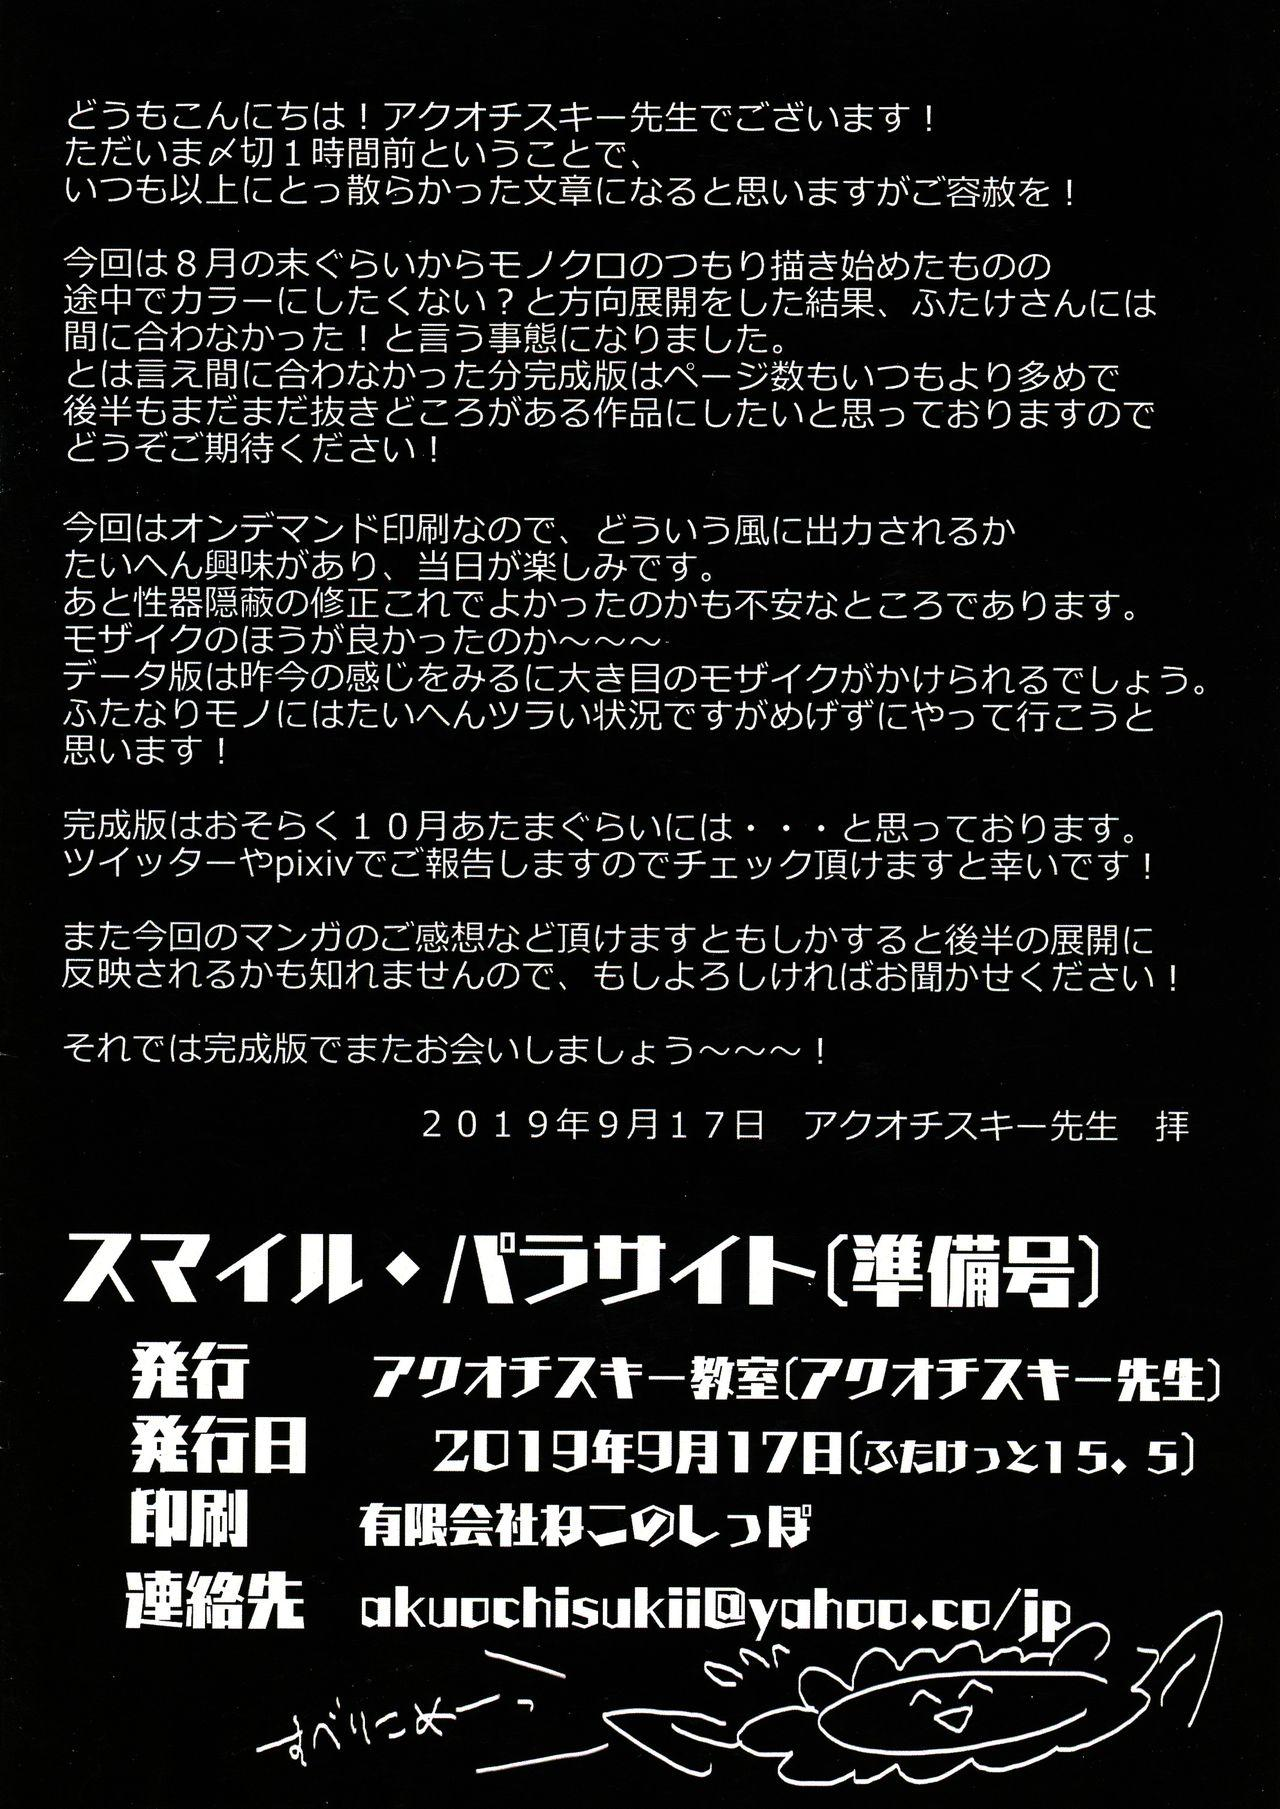 [Akuochisukii Kyoushitsu (Akuochisukii Sensei)] Smile Parasite ~ Ubawareta Egao ~ Junbigou (Smile Precure) 19